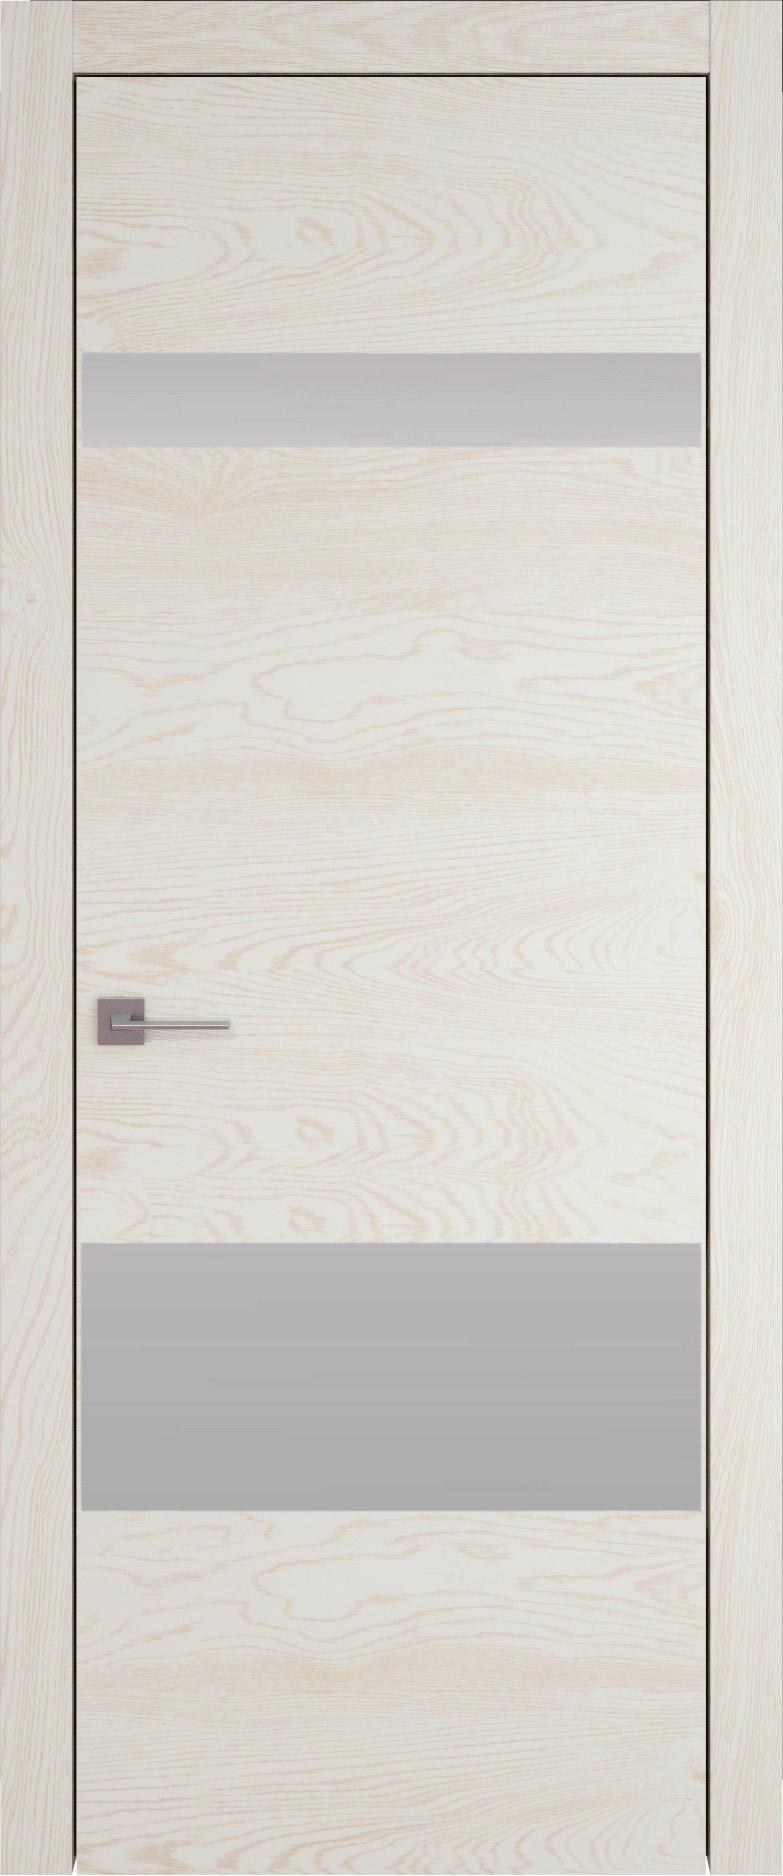 Tivoli К-4 цвет - Бежевый ясень Без стекла (ДГ)